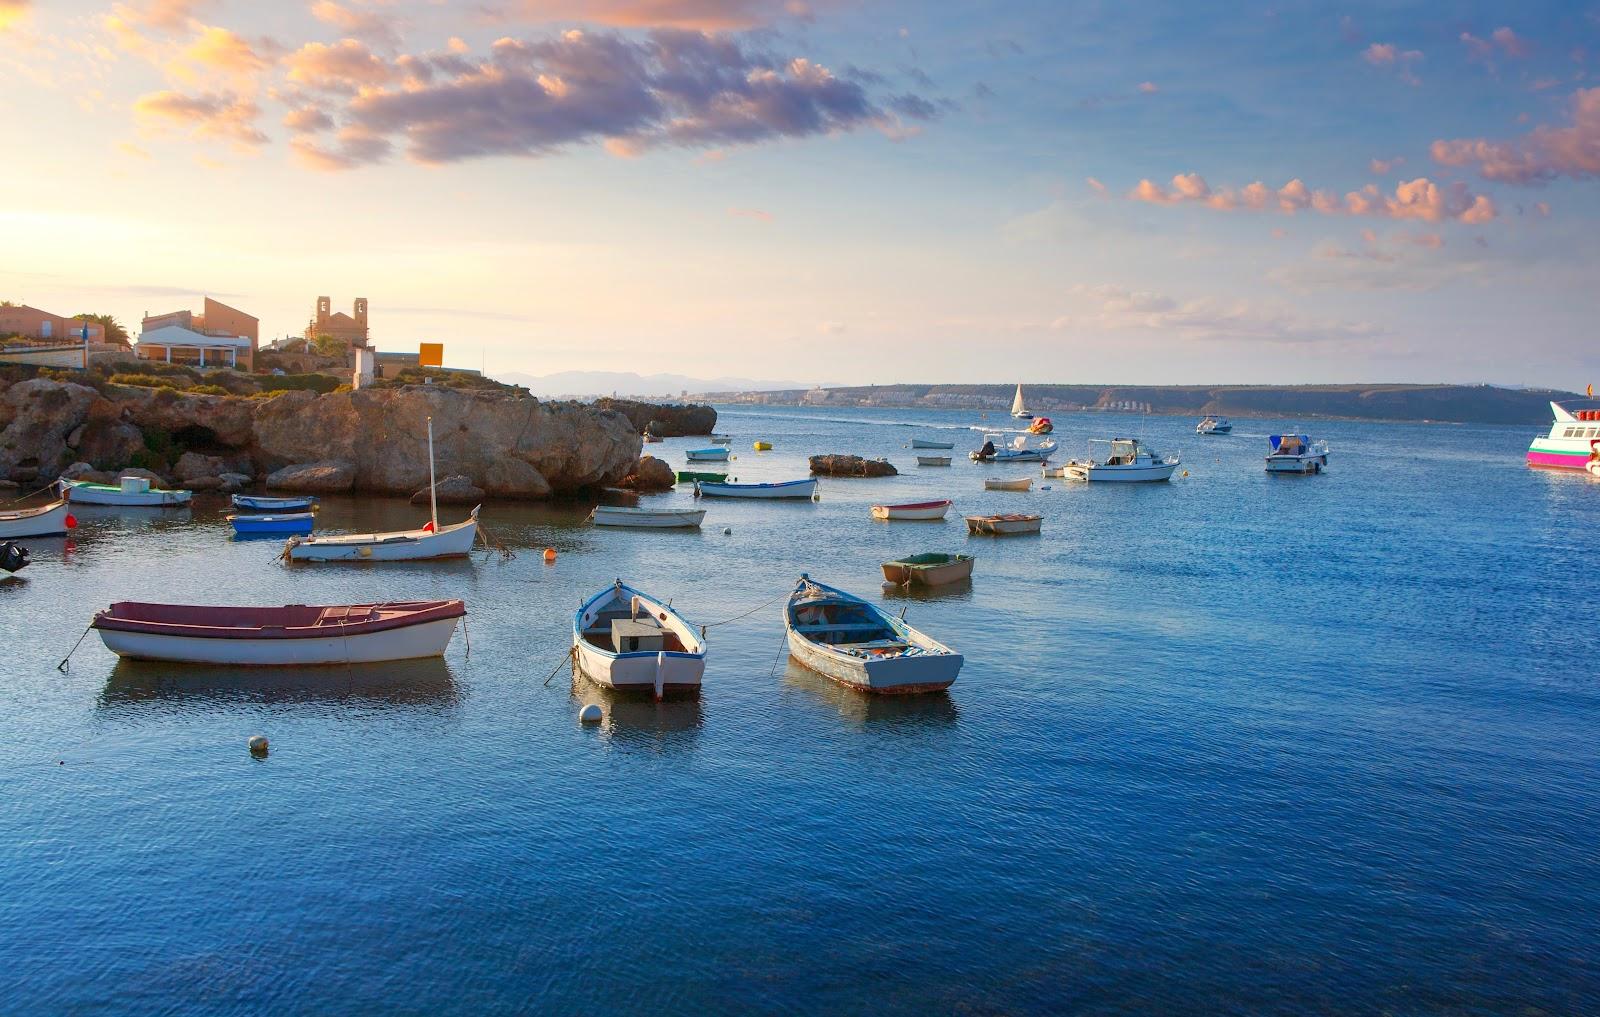 Venez visiter la ville d'Alicante et voguez pendant 4 jours le long de la Costa Blanca.